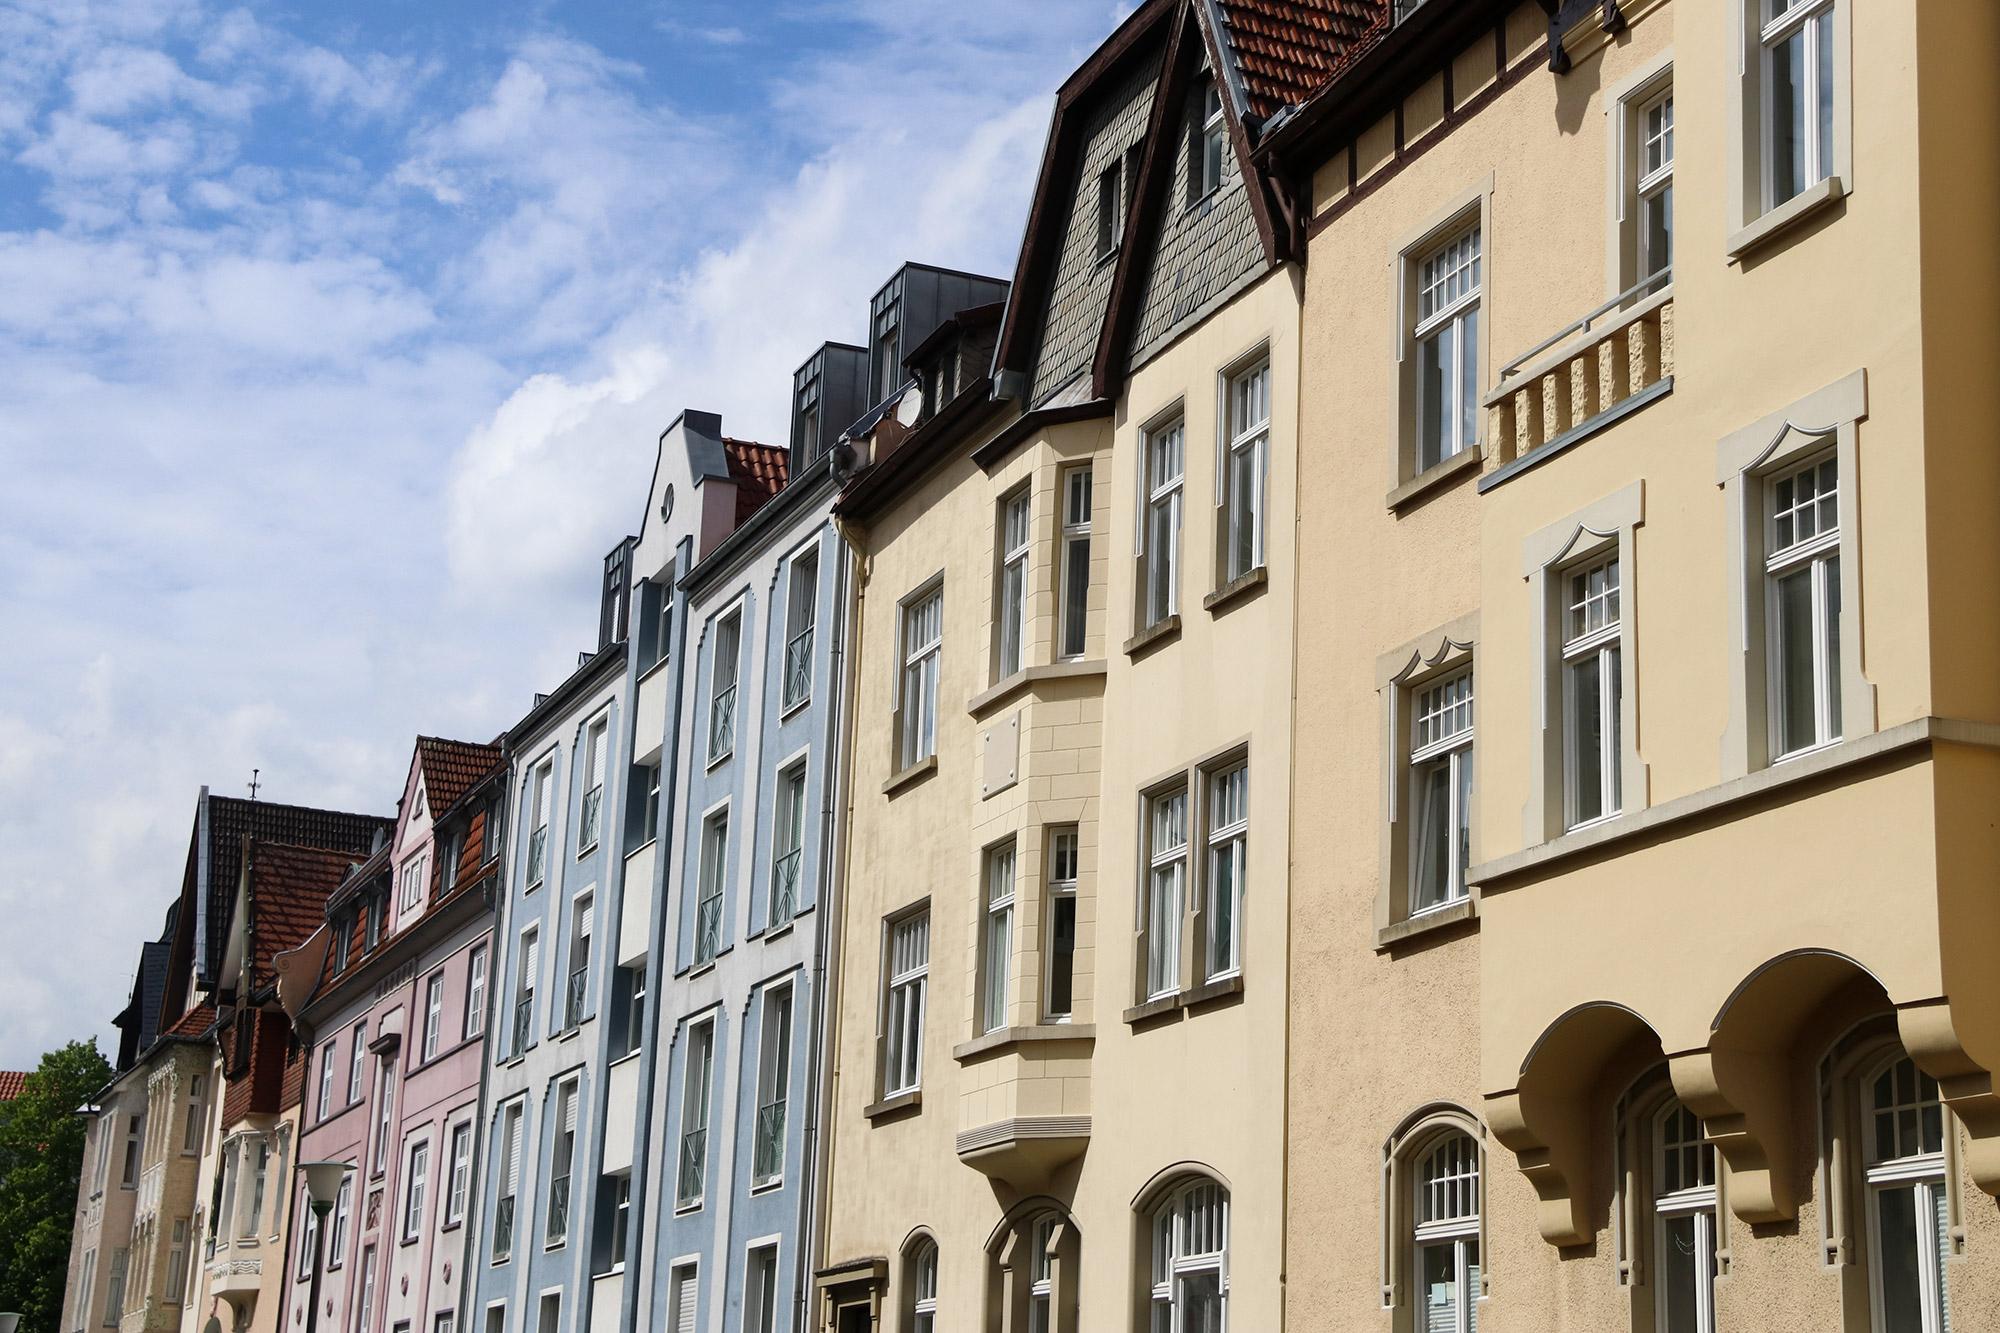 Weekendje weg Münster - Kleurrijke huizen bij de Kreuzviertel